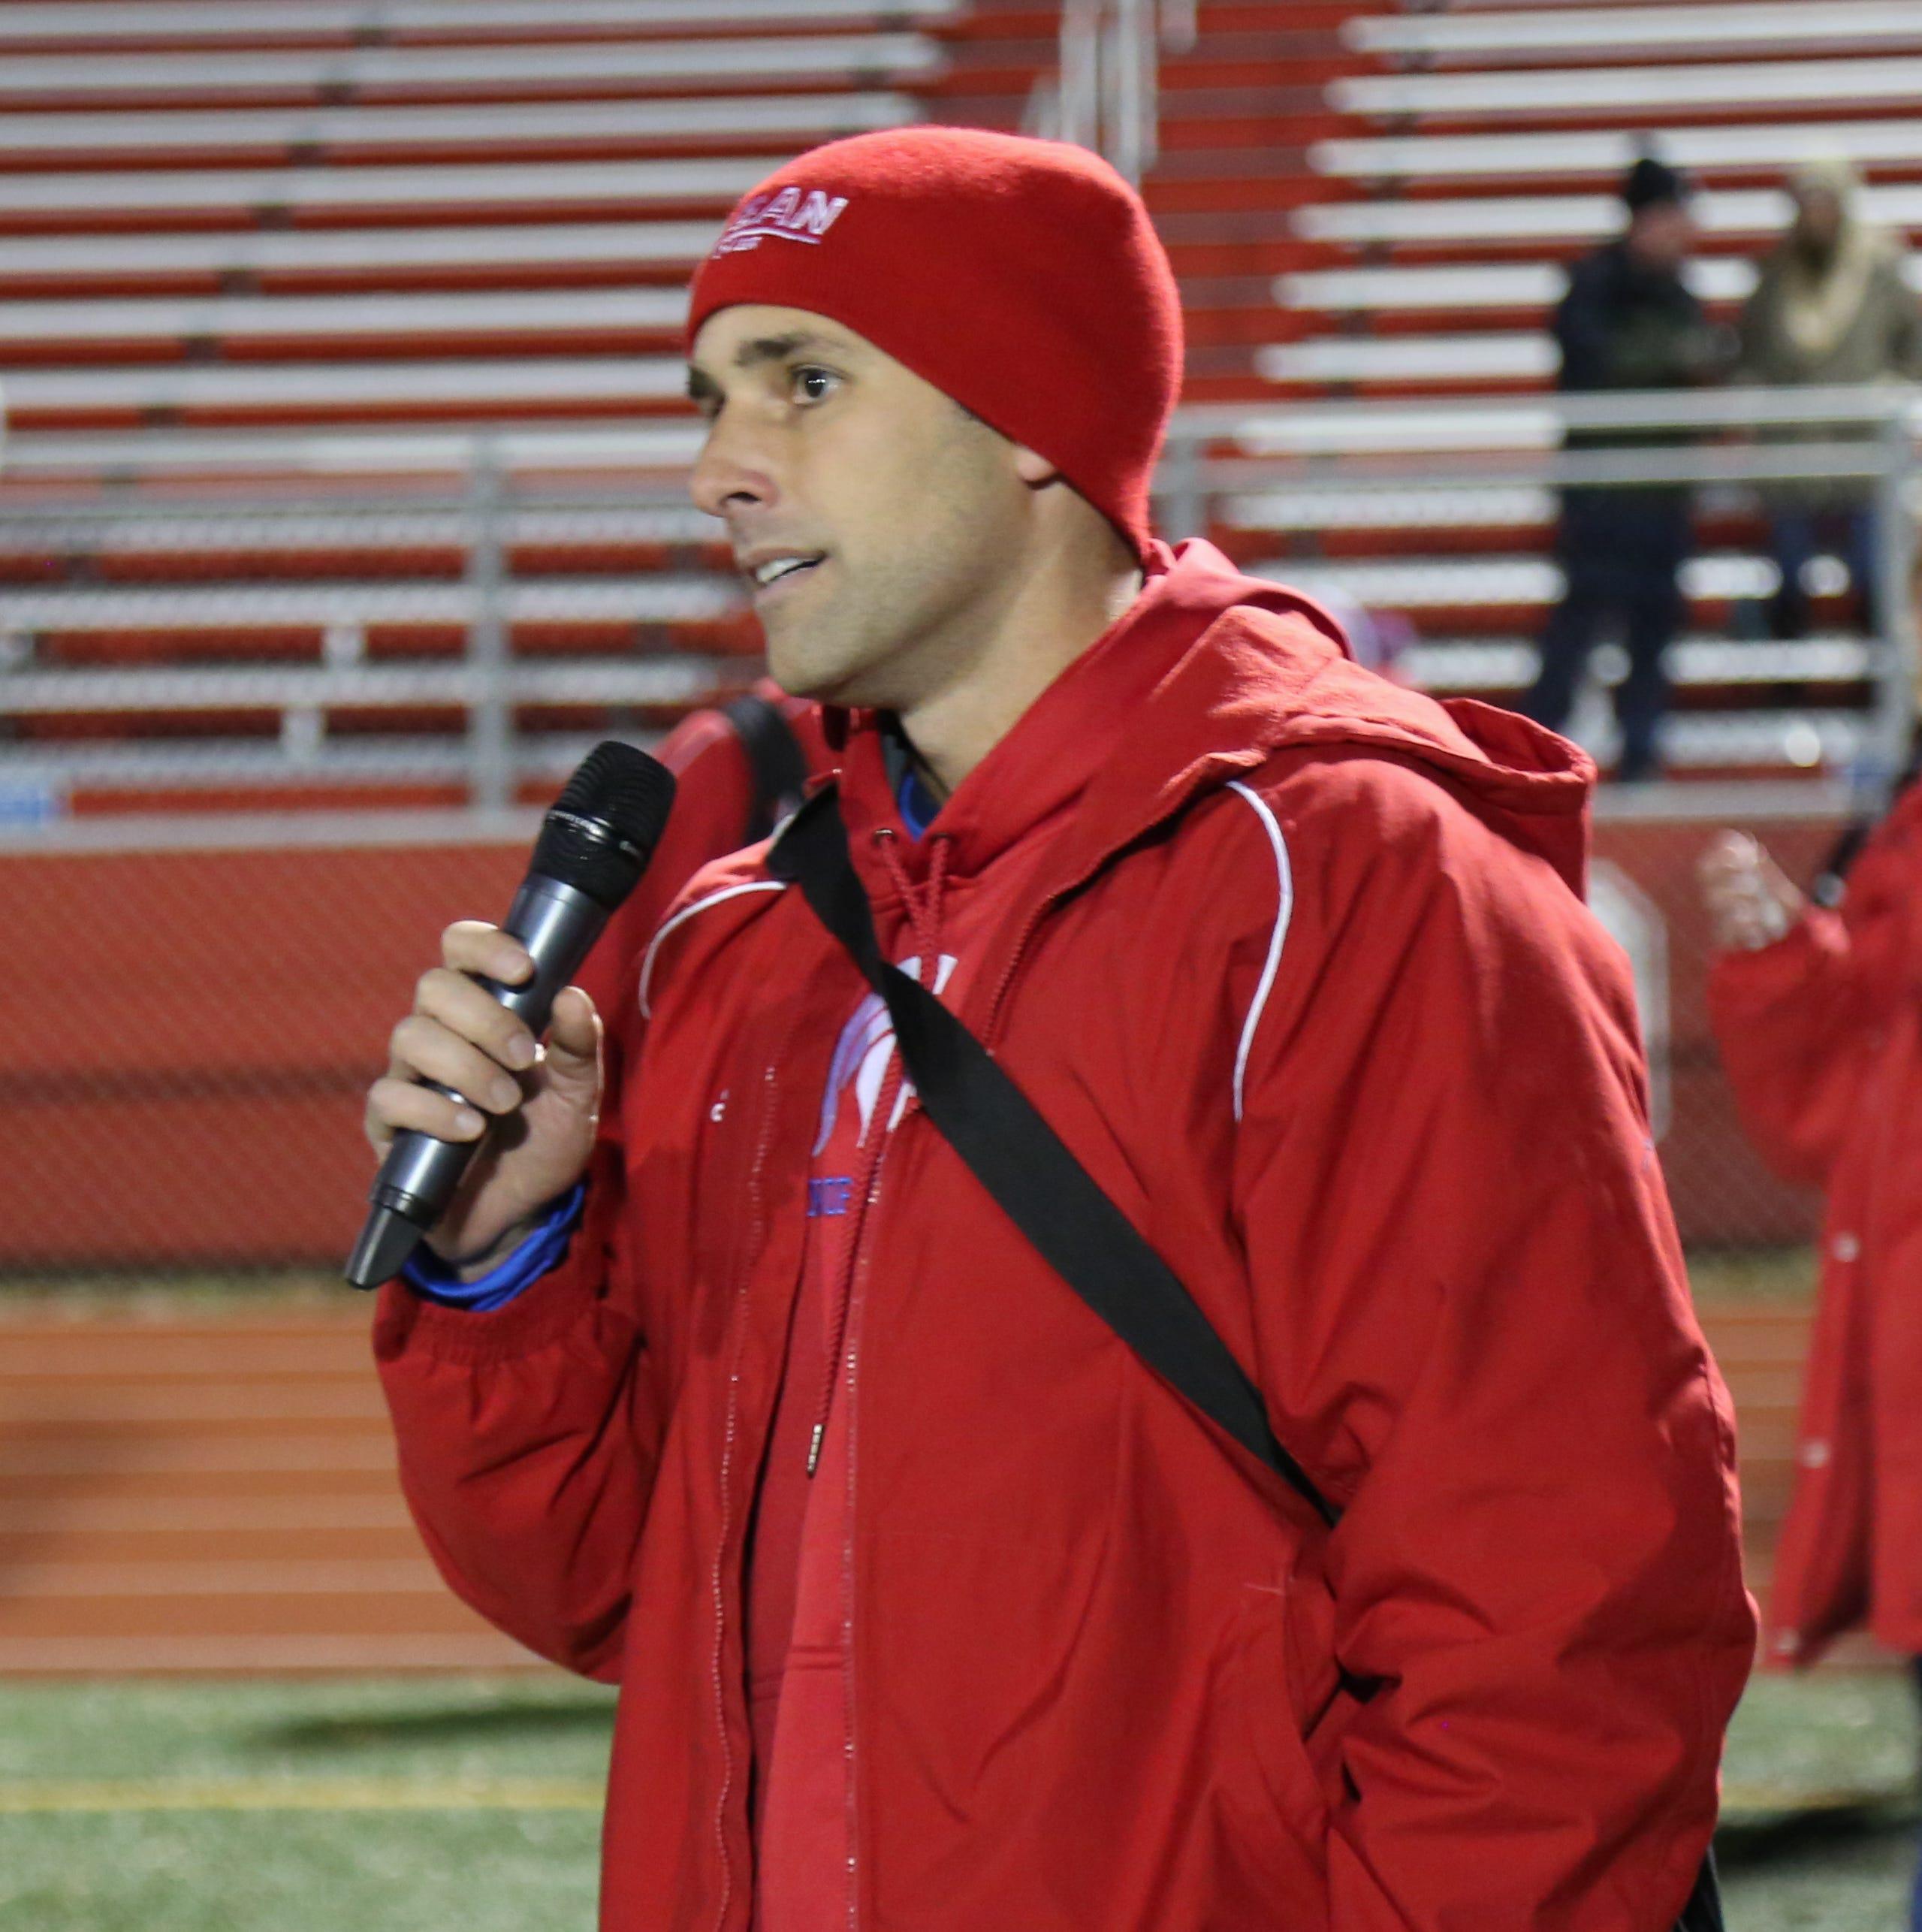 NJ boys soccer: Ocean Township's Terlecsky named Shore Conference Coach of the Season